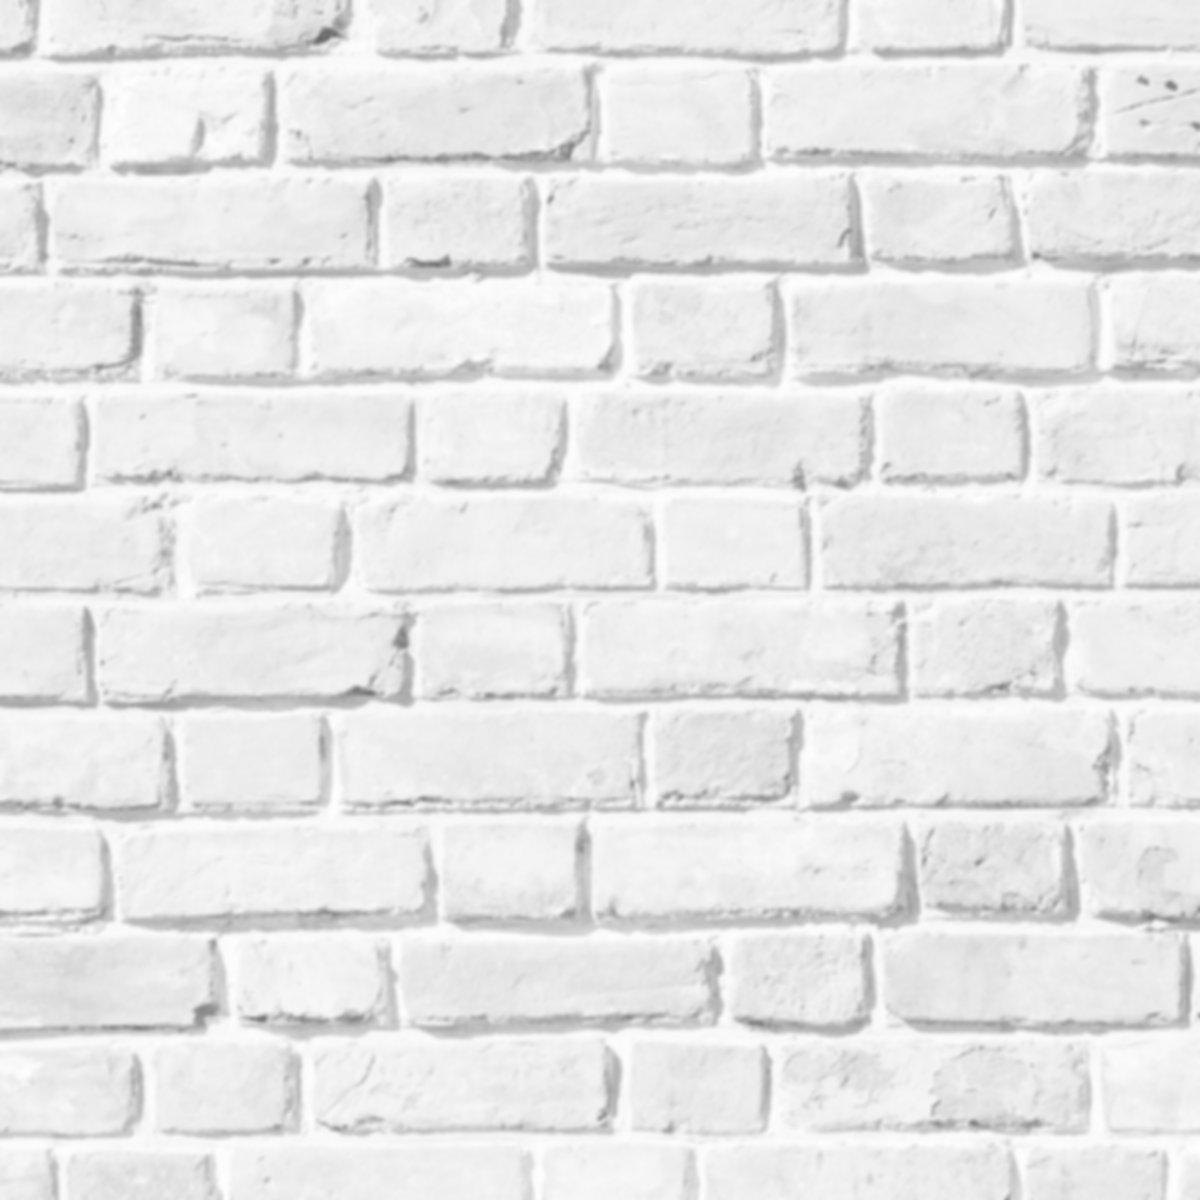 faixa-de-parede-tijolinho-branco-listras